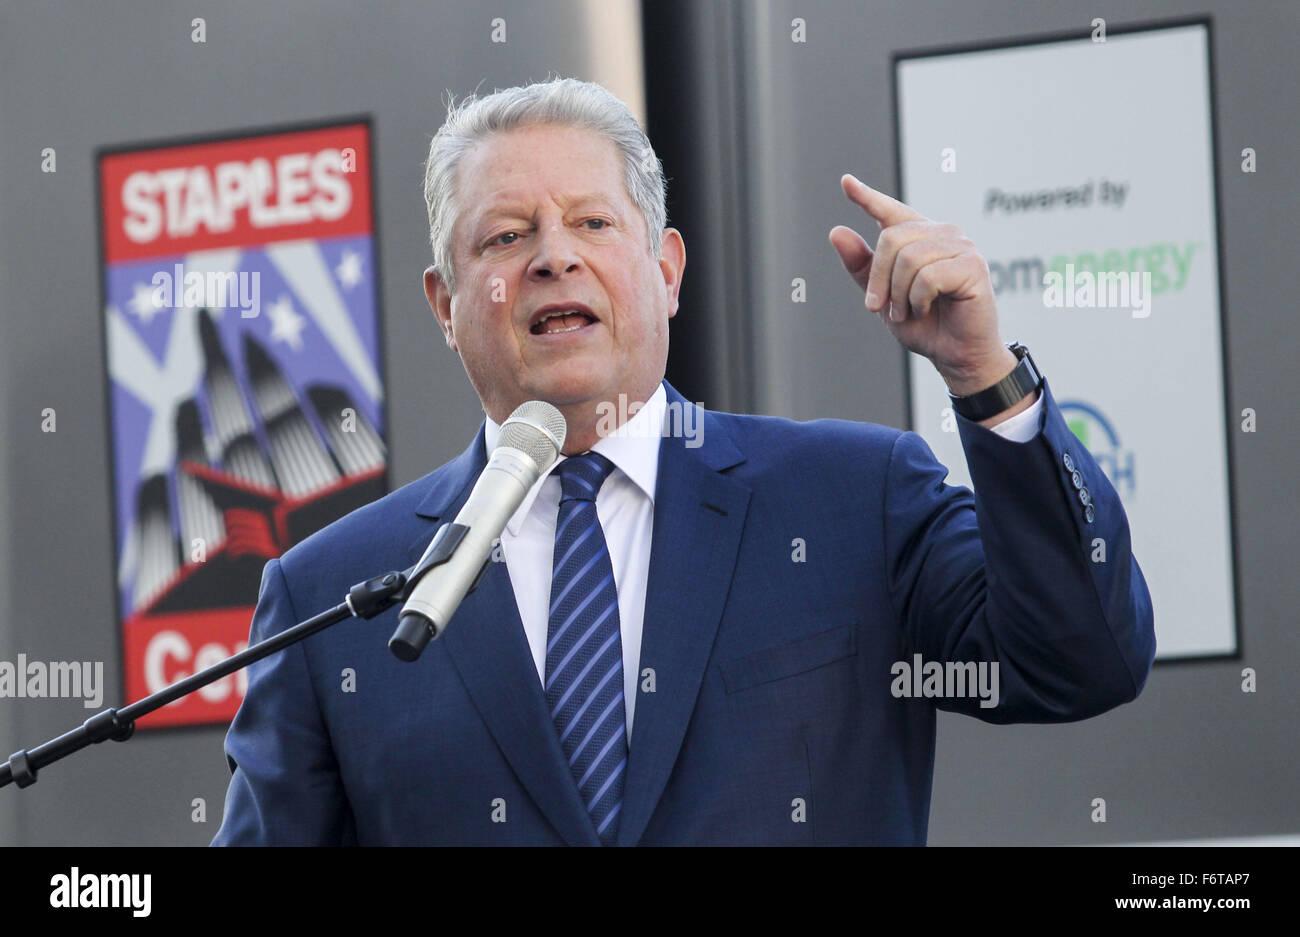 Los Angeles, California, EEUU. 19 Nov, 2015. El ex vicepresidente Al Gore habla durante una ceremonia para develar Imagen De Stock